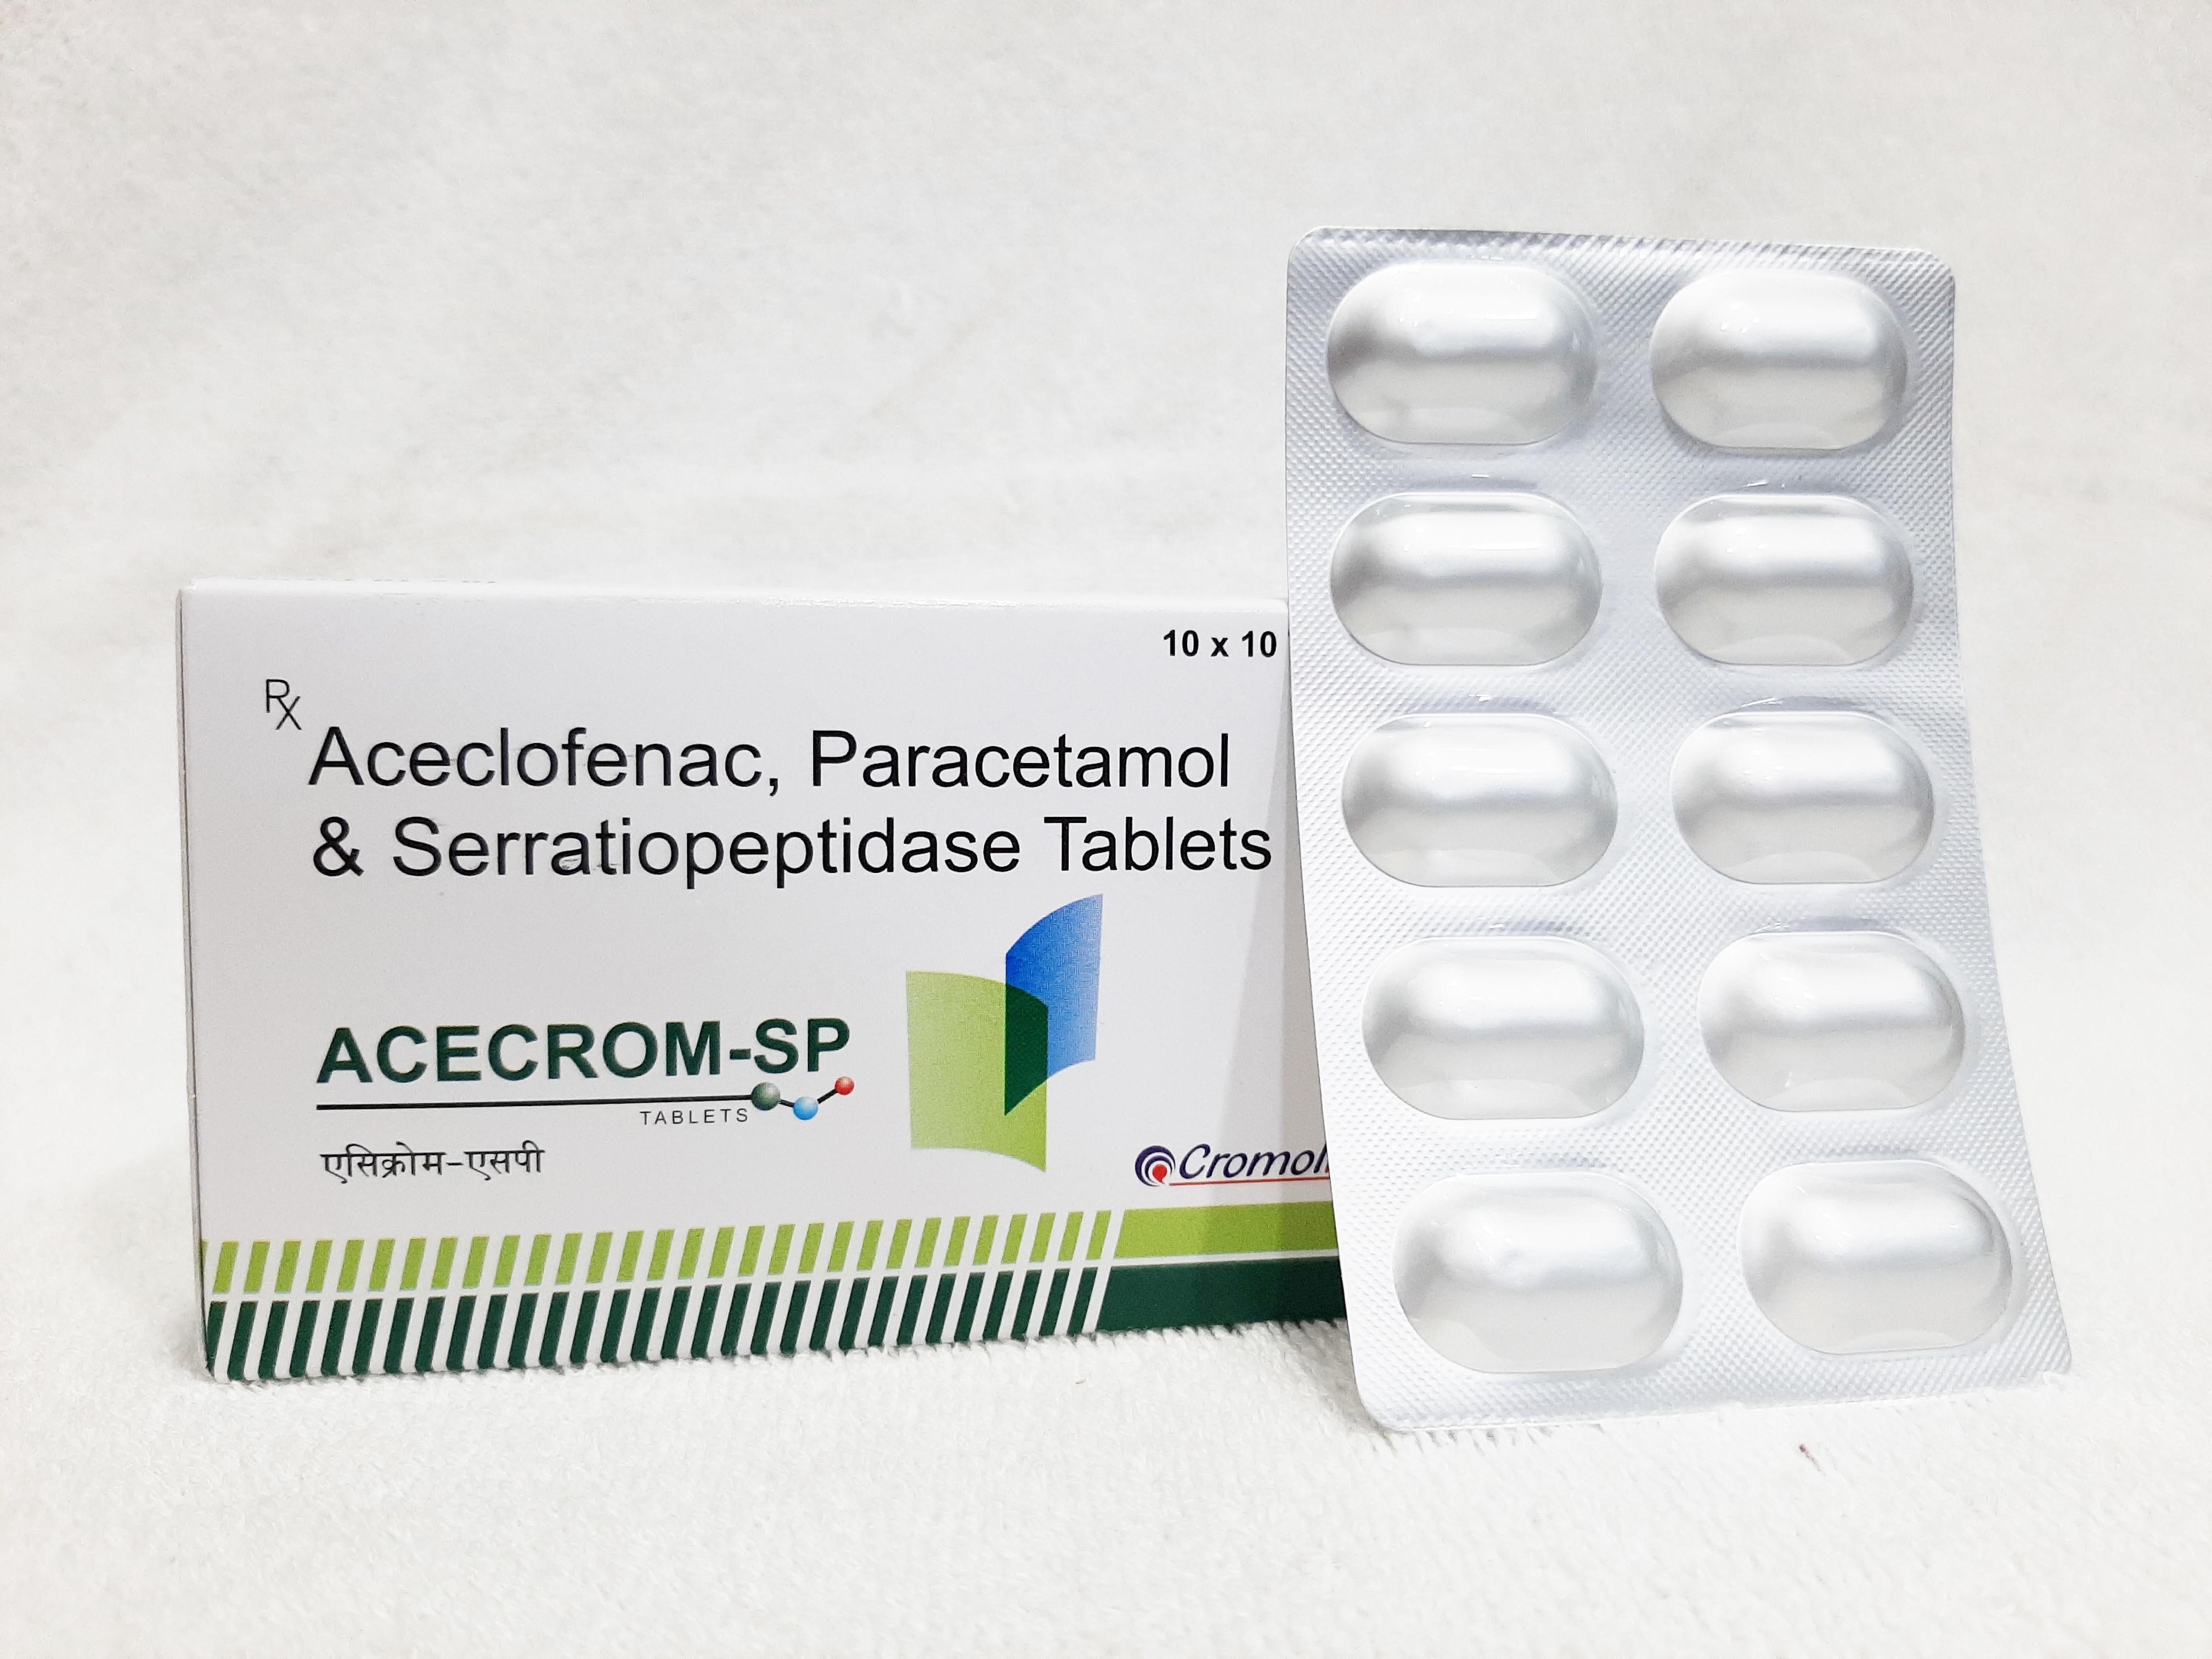 Aceclofenac, Paracetamol & Serratiopeptidase Tablet